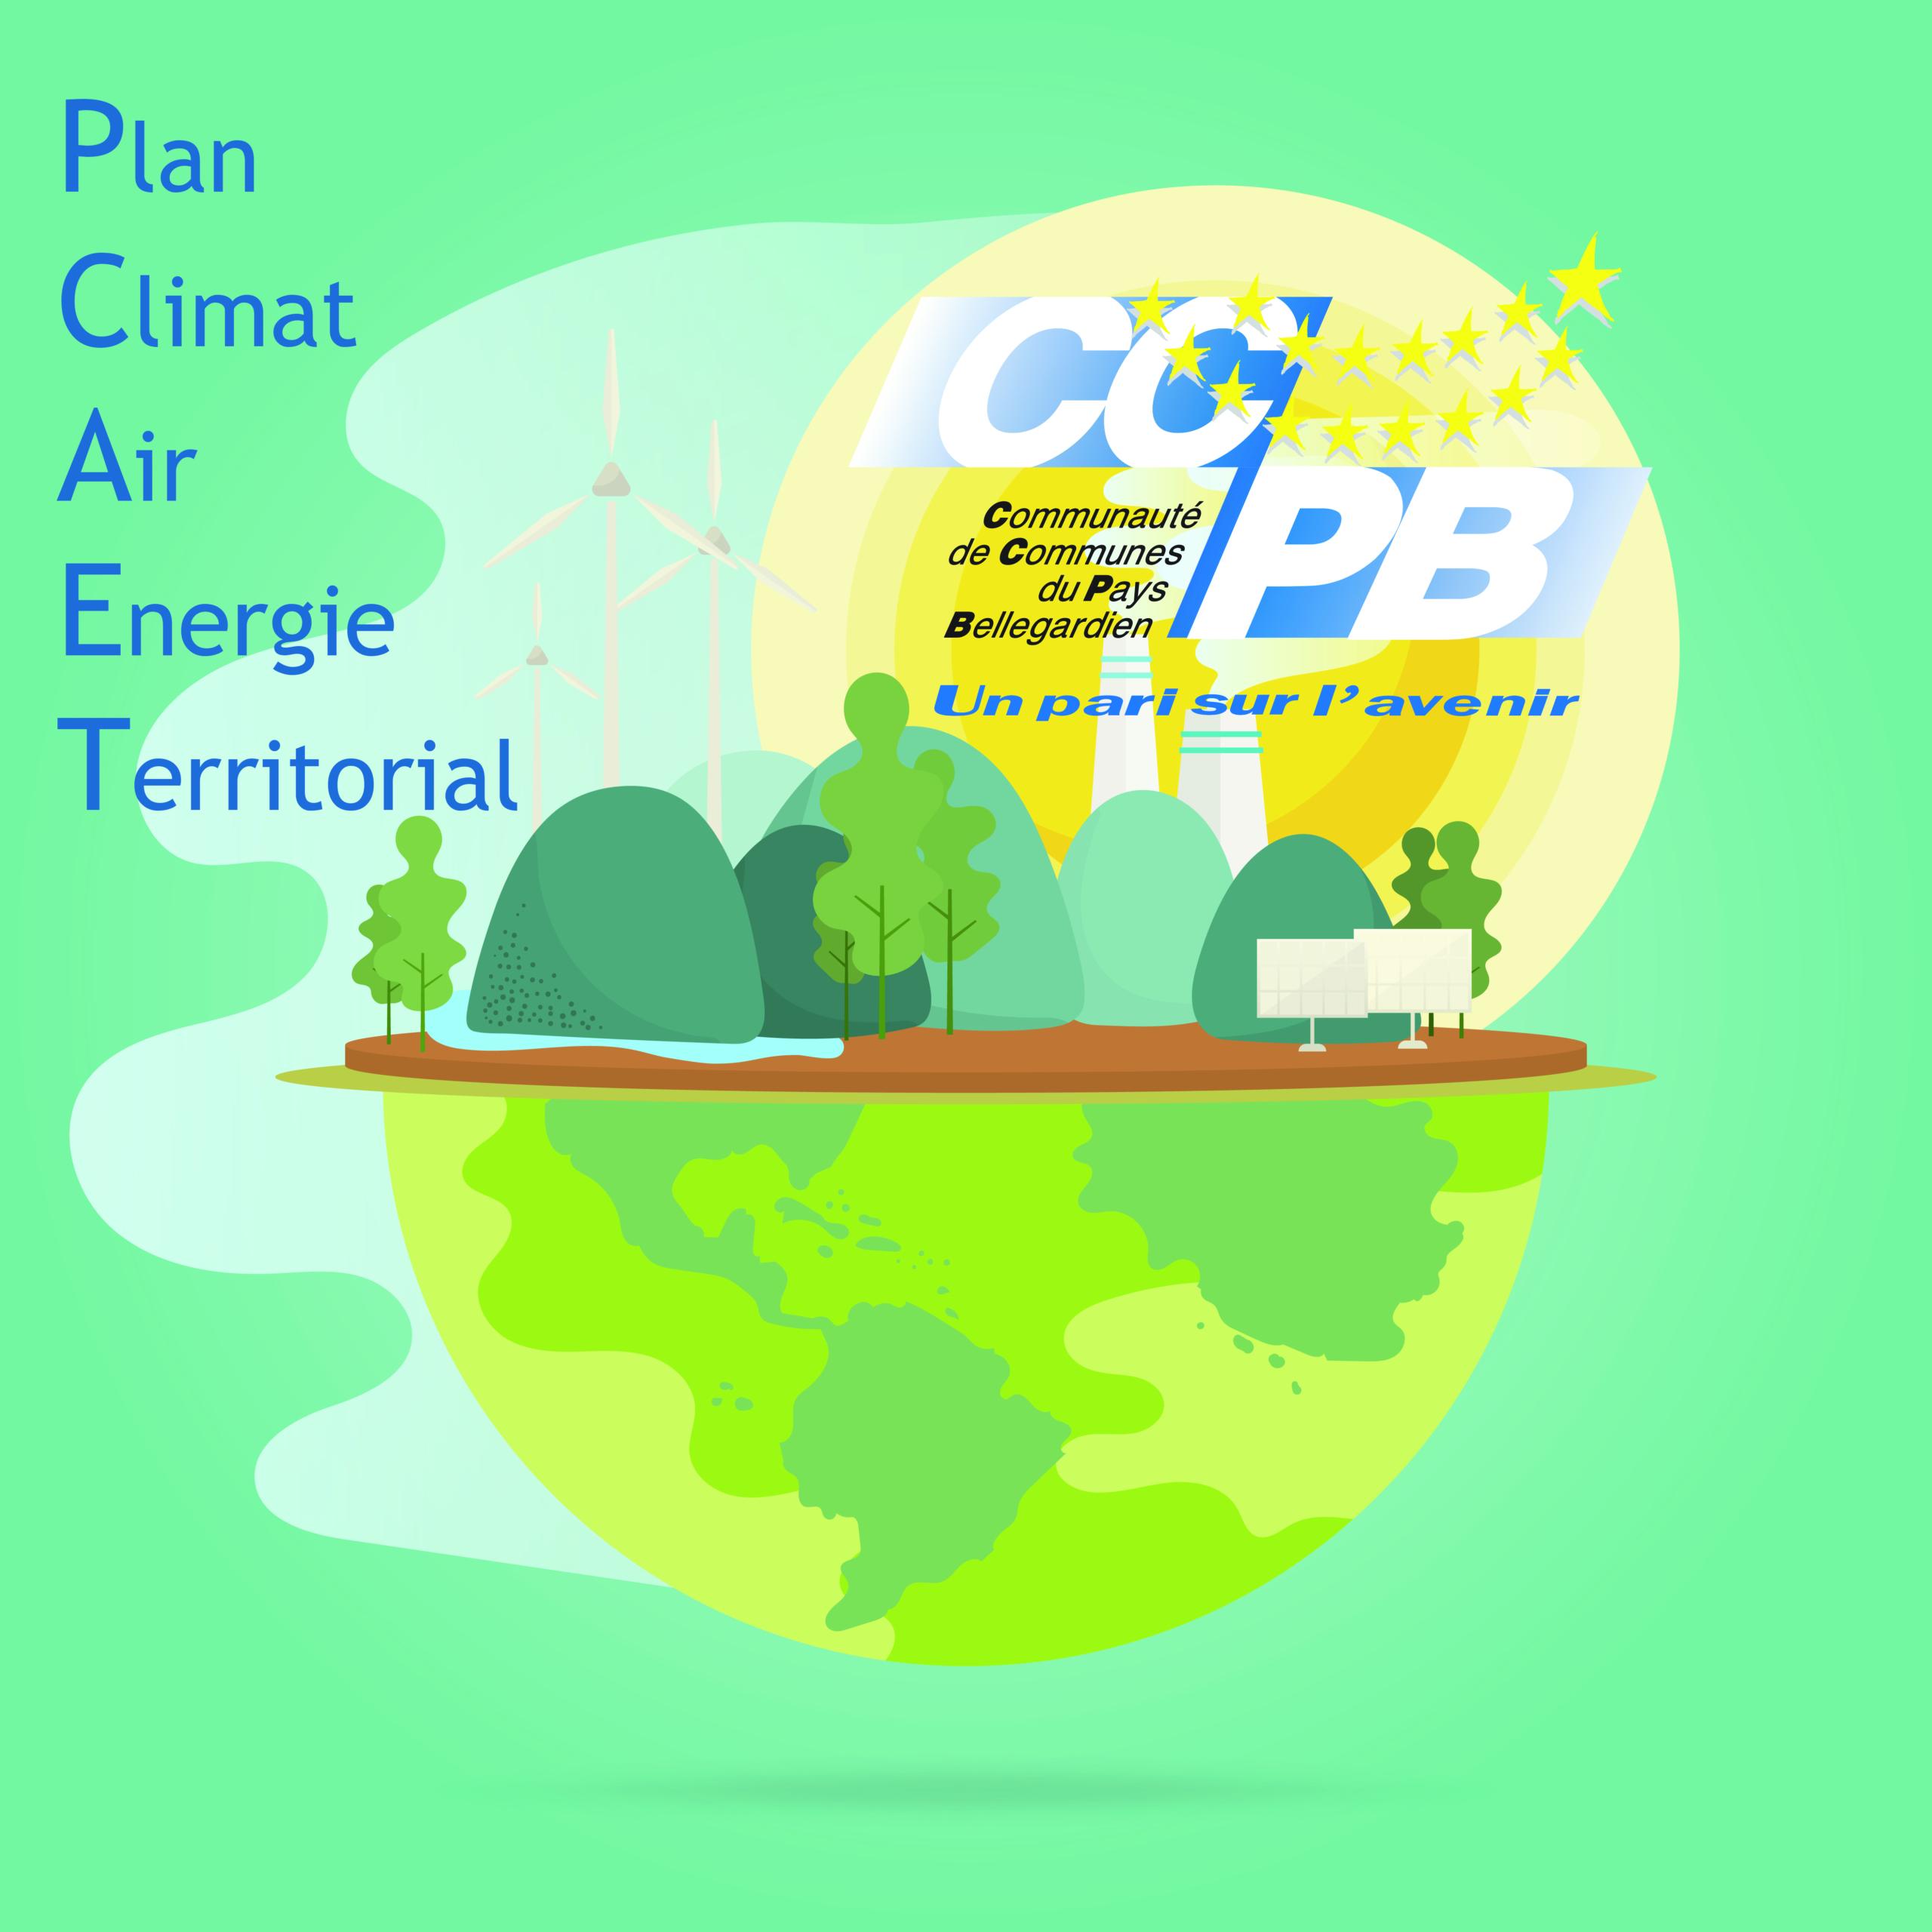 PCAET (Plan Climat Air Energie Territorial) à disposition du public jusqu'au 3 mars 2020 inclus